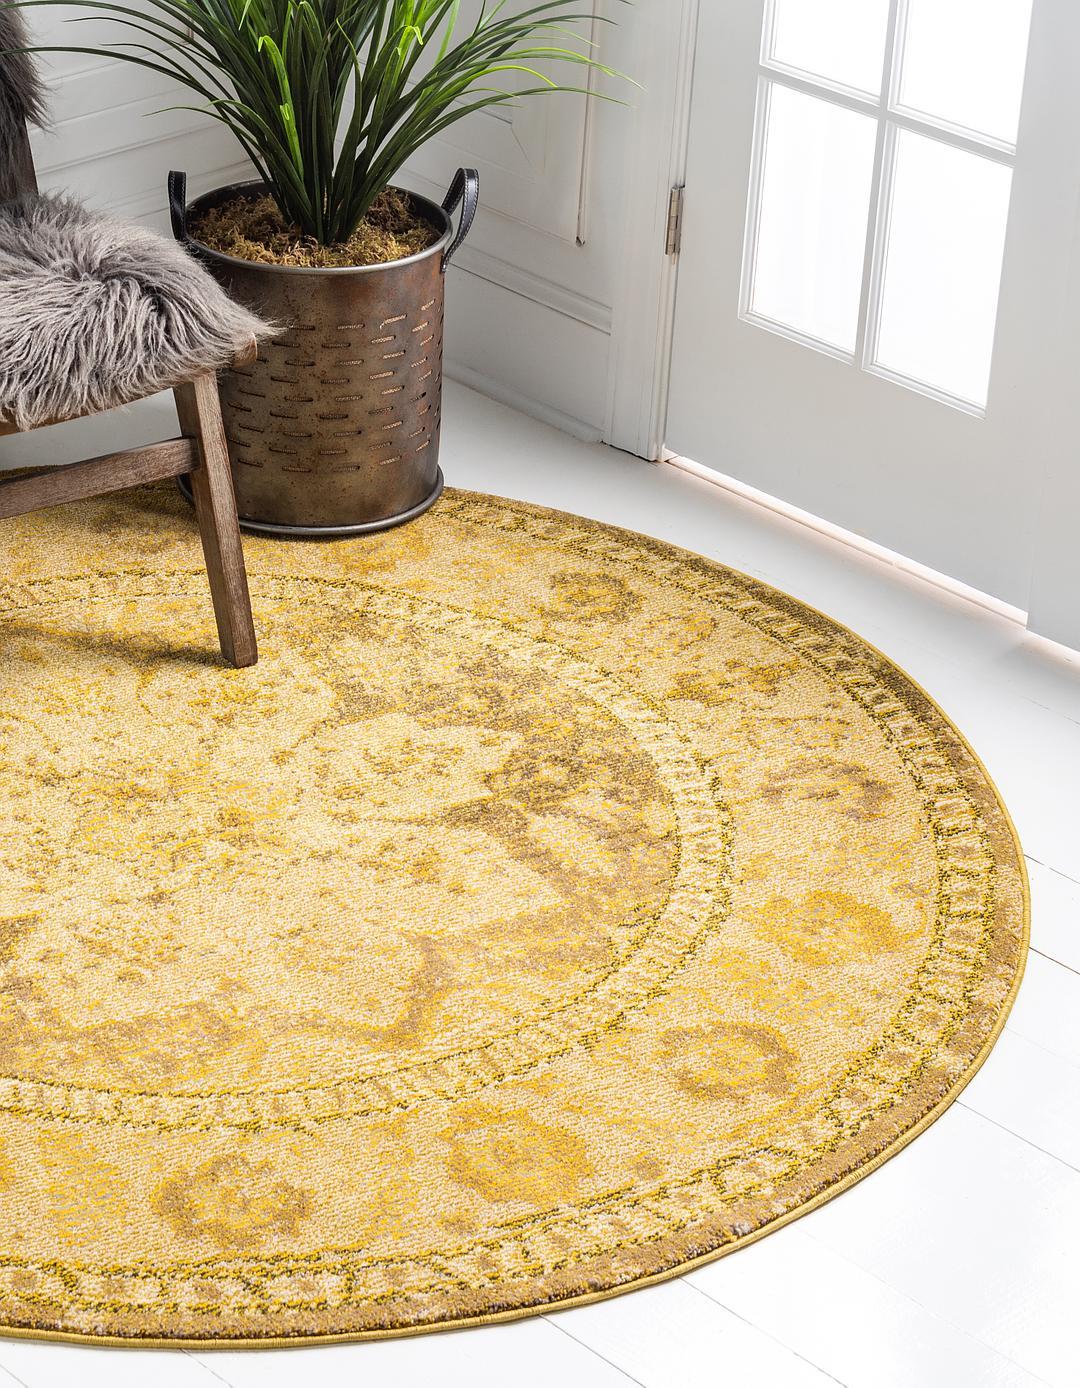 Main 6 x 6 fleur round rug photo